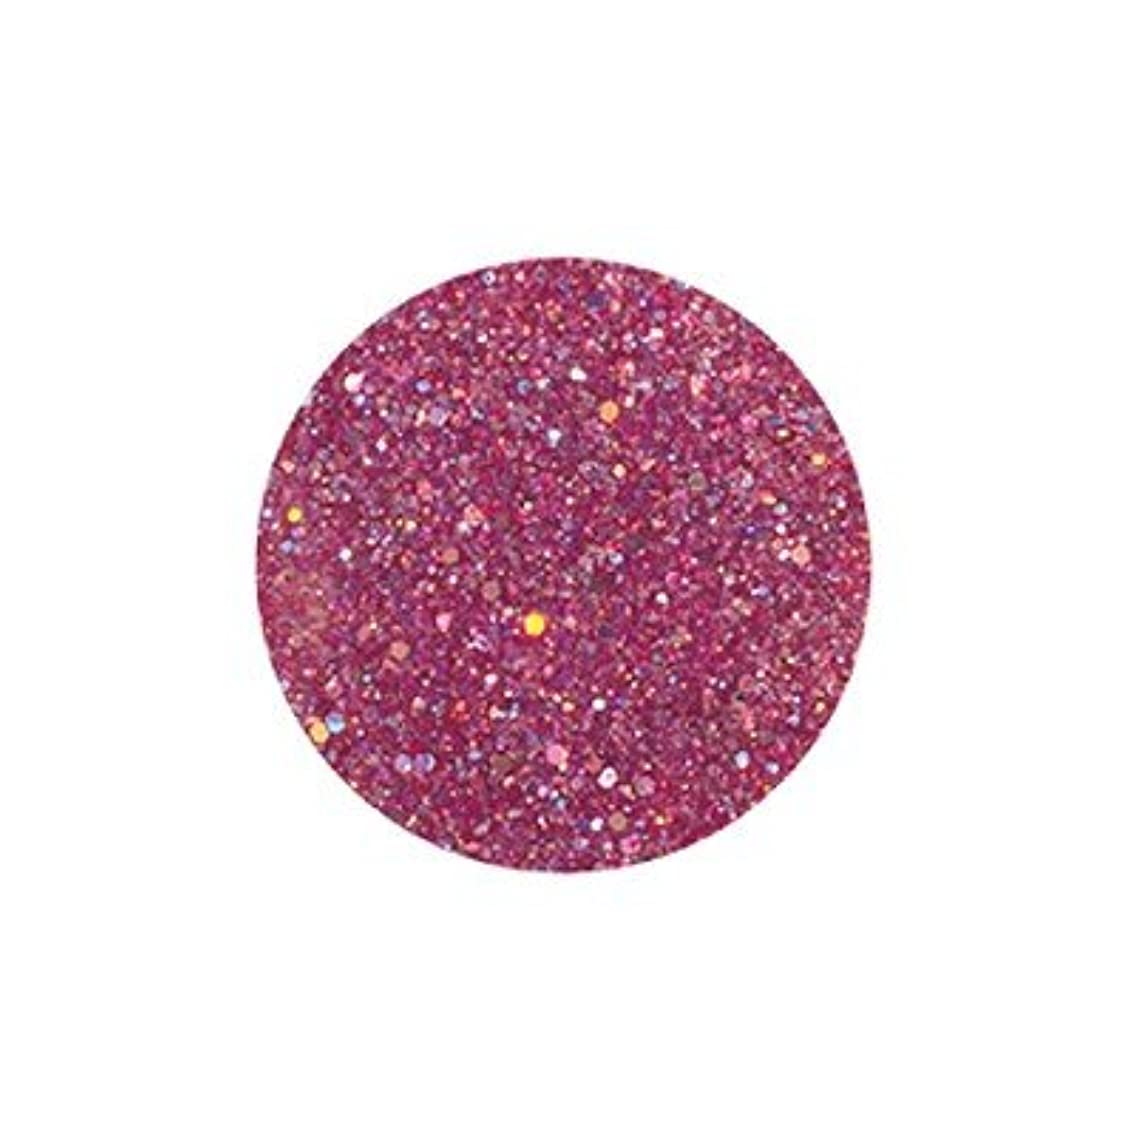 霊換気植物学FANTASY NAIL ダイヤモンドコレクション 3g 4259XS カラーパウダー アート材